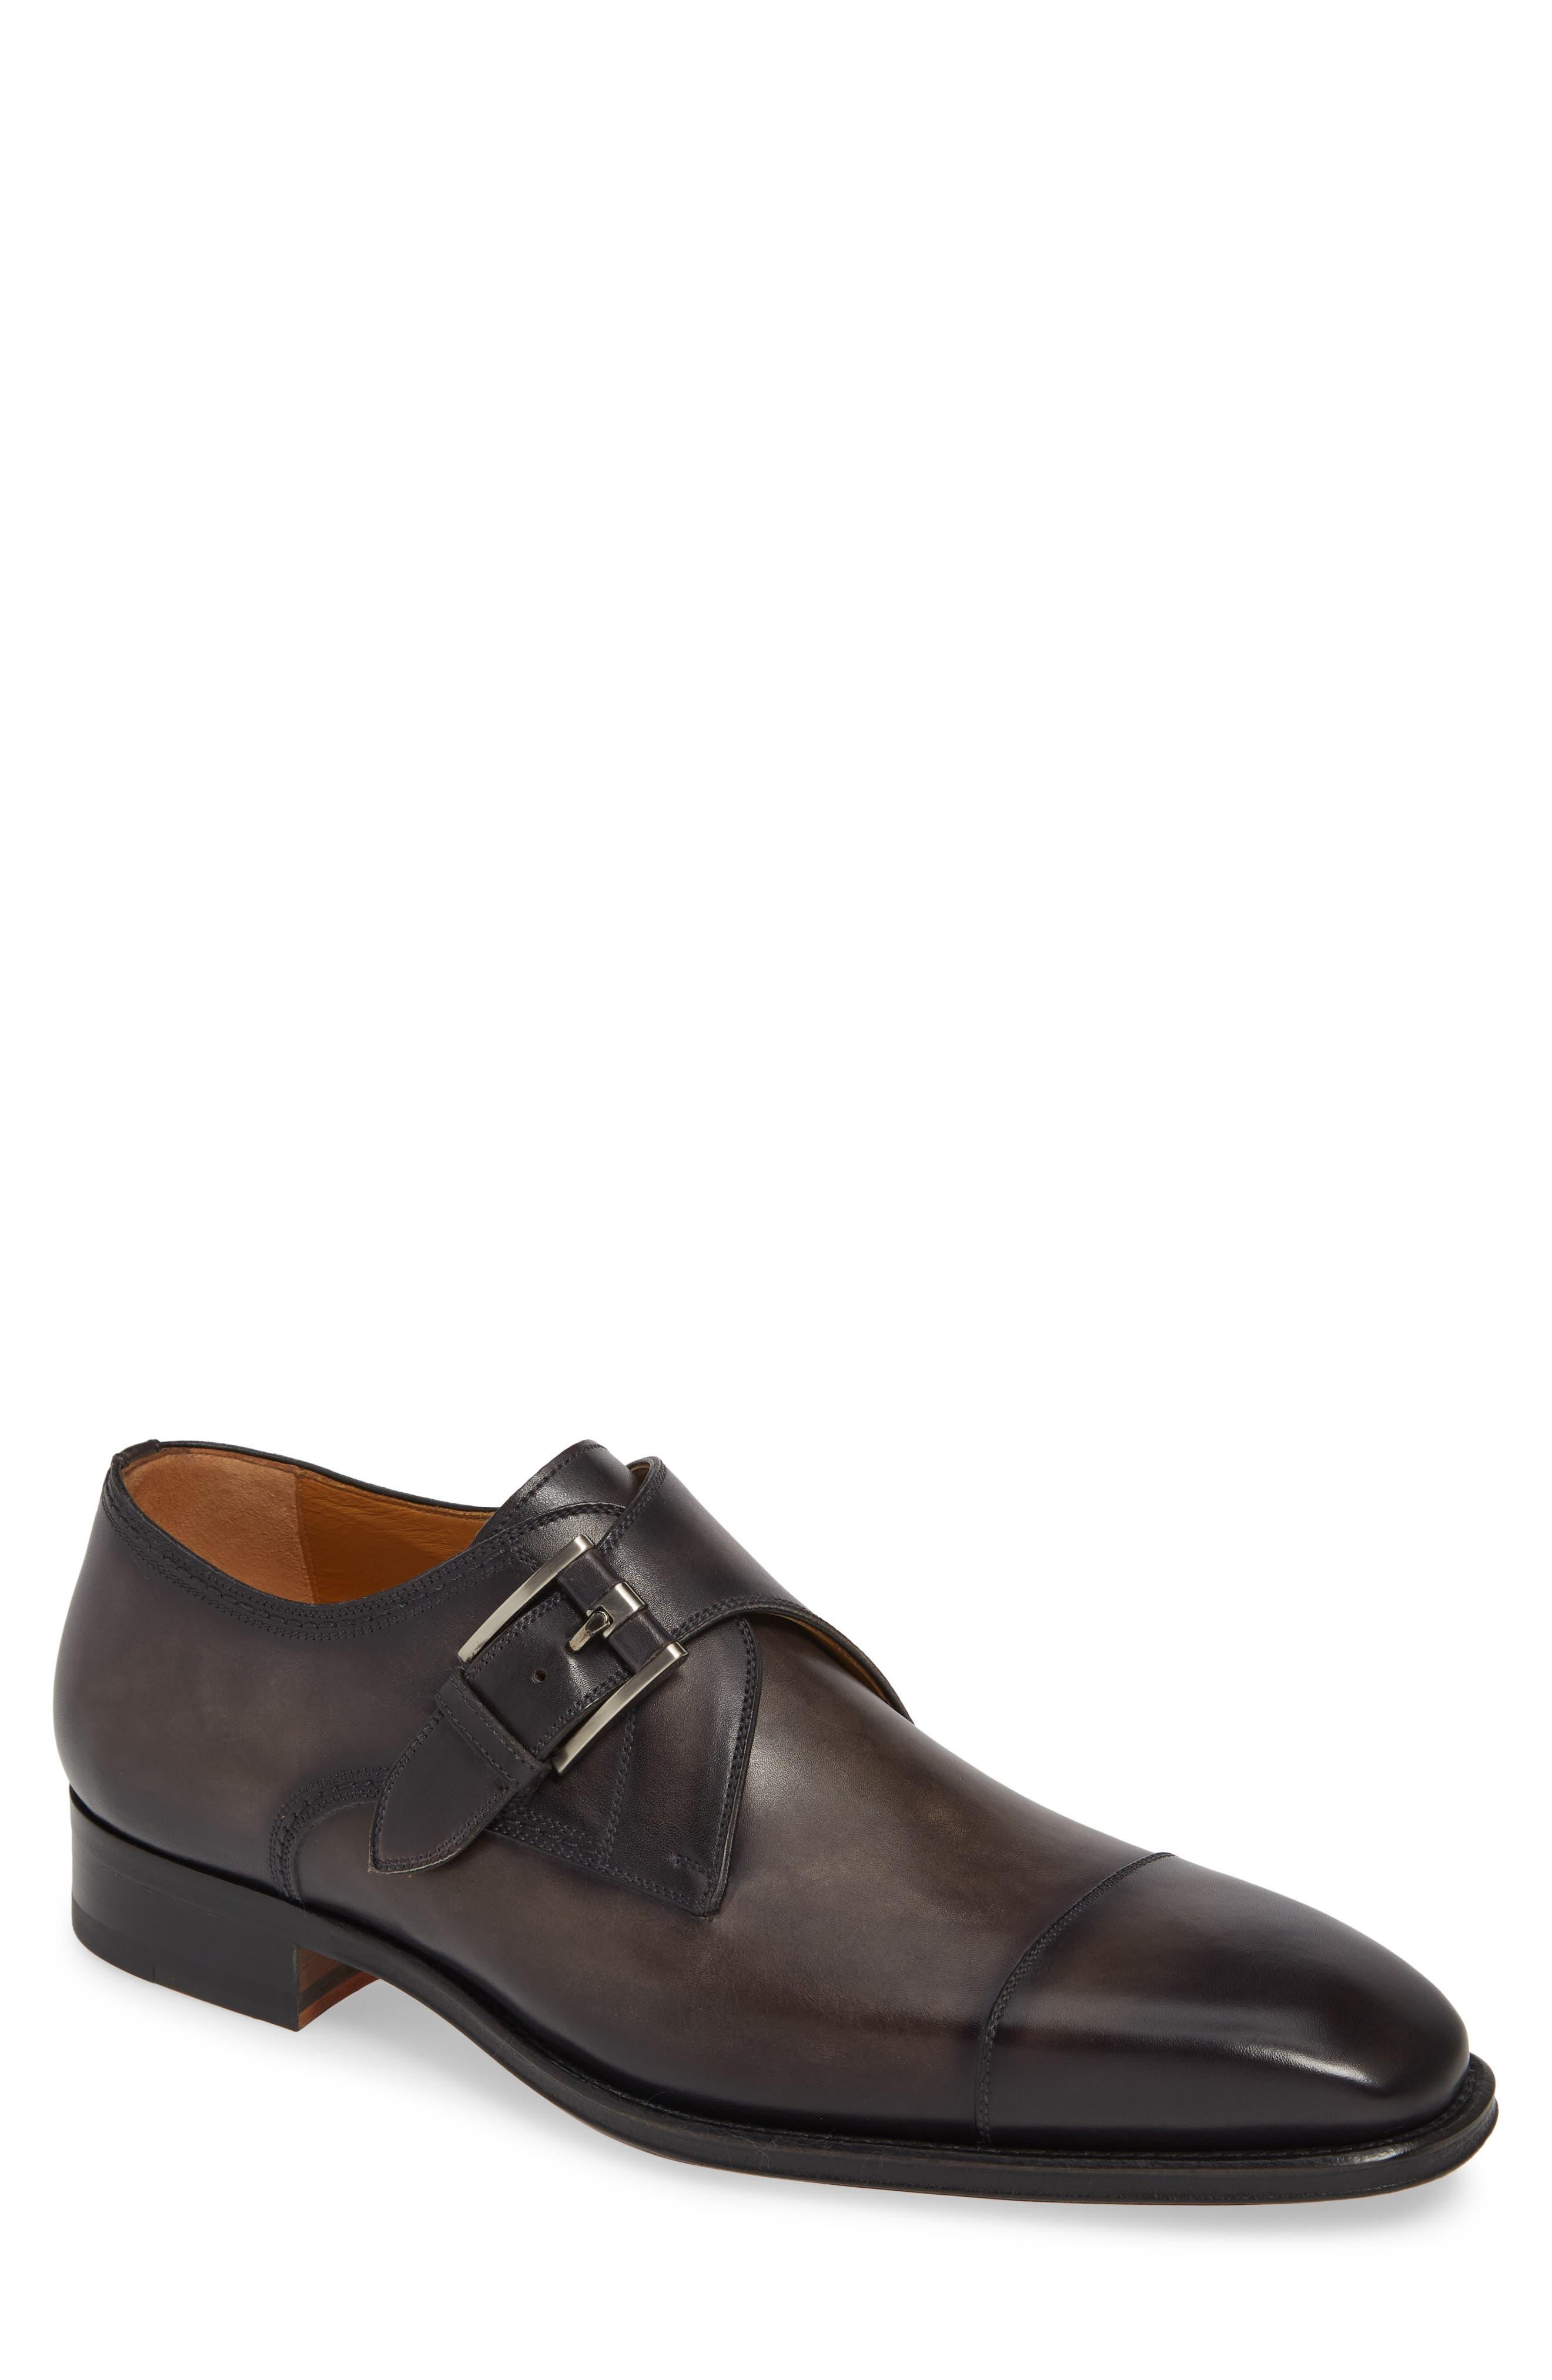 MAGNANNI Lennon Monk Strap Shoe, Main, color, GREY LEATHER